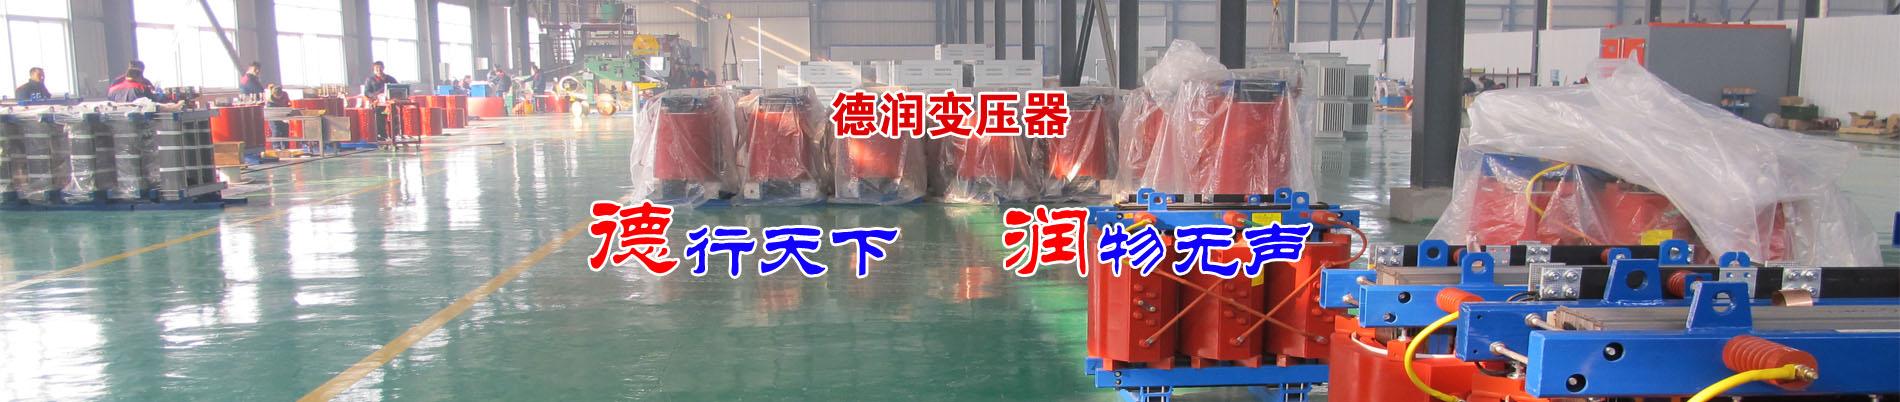 莱芜干式变压器厂